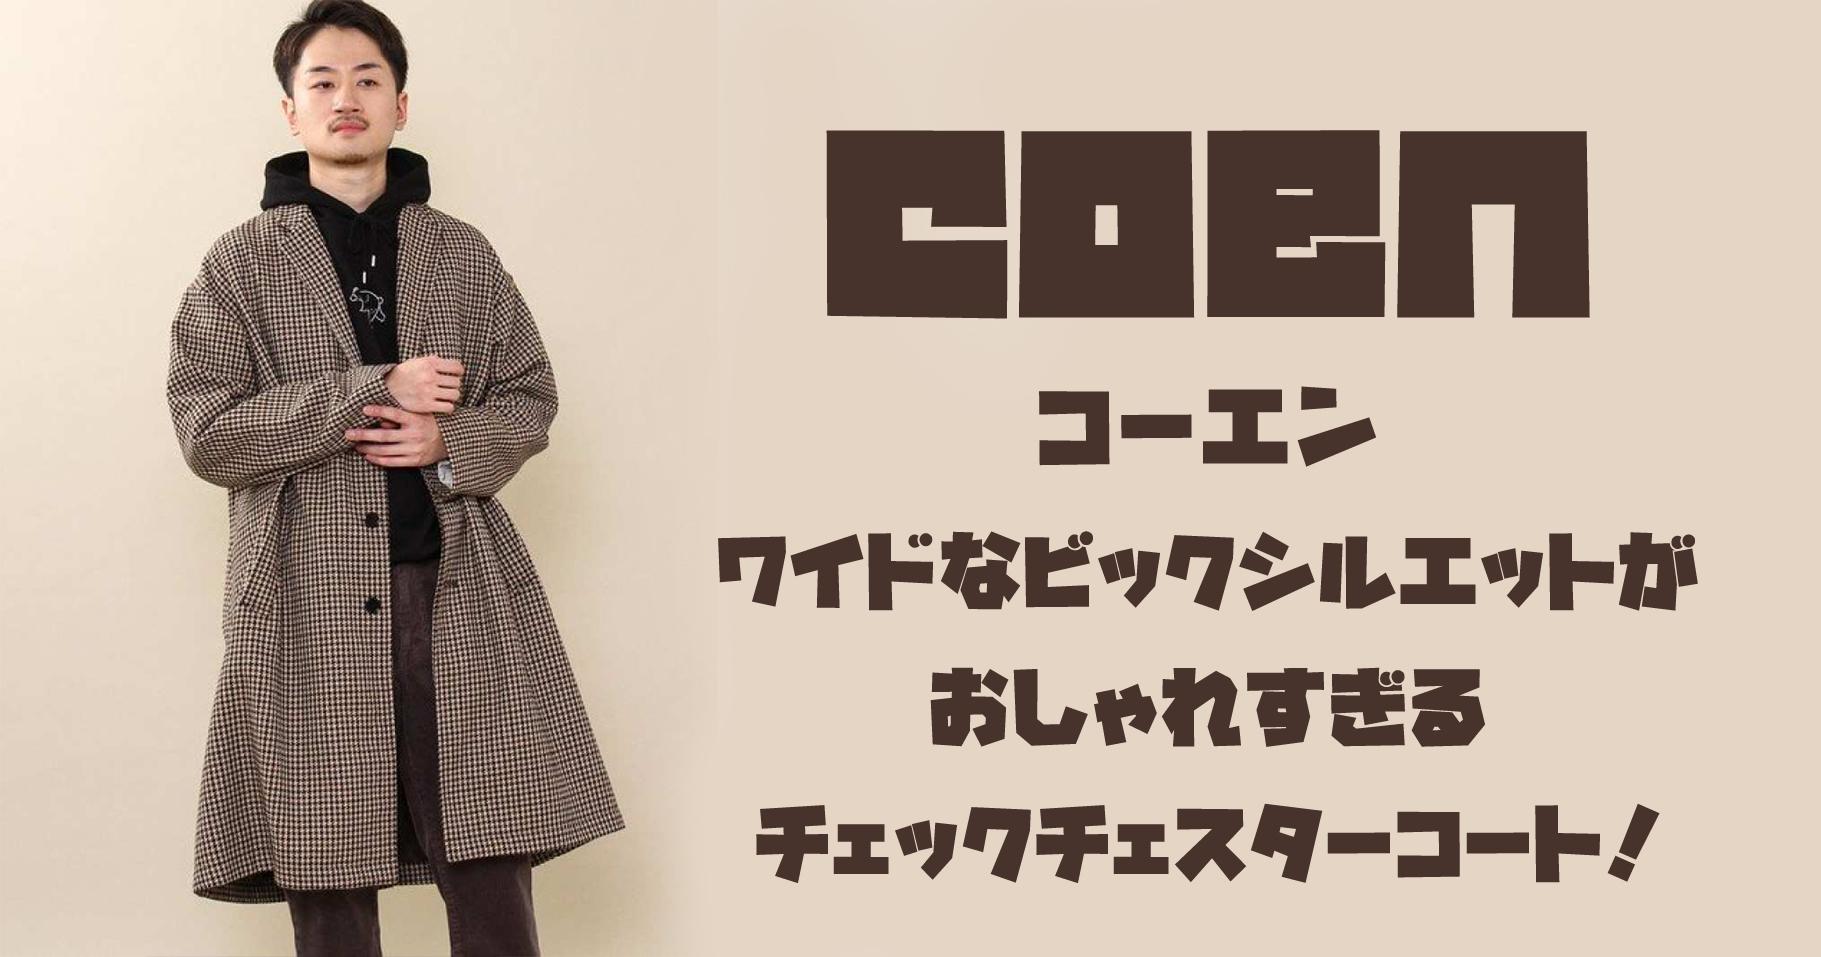 【coen (コーエン)】ワイドなビックシルエットがおしゃれすぎるブリティッシュチェックチェスターコート!